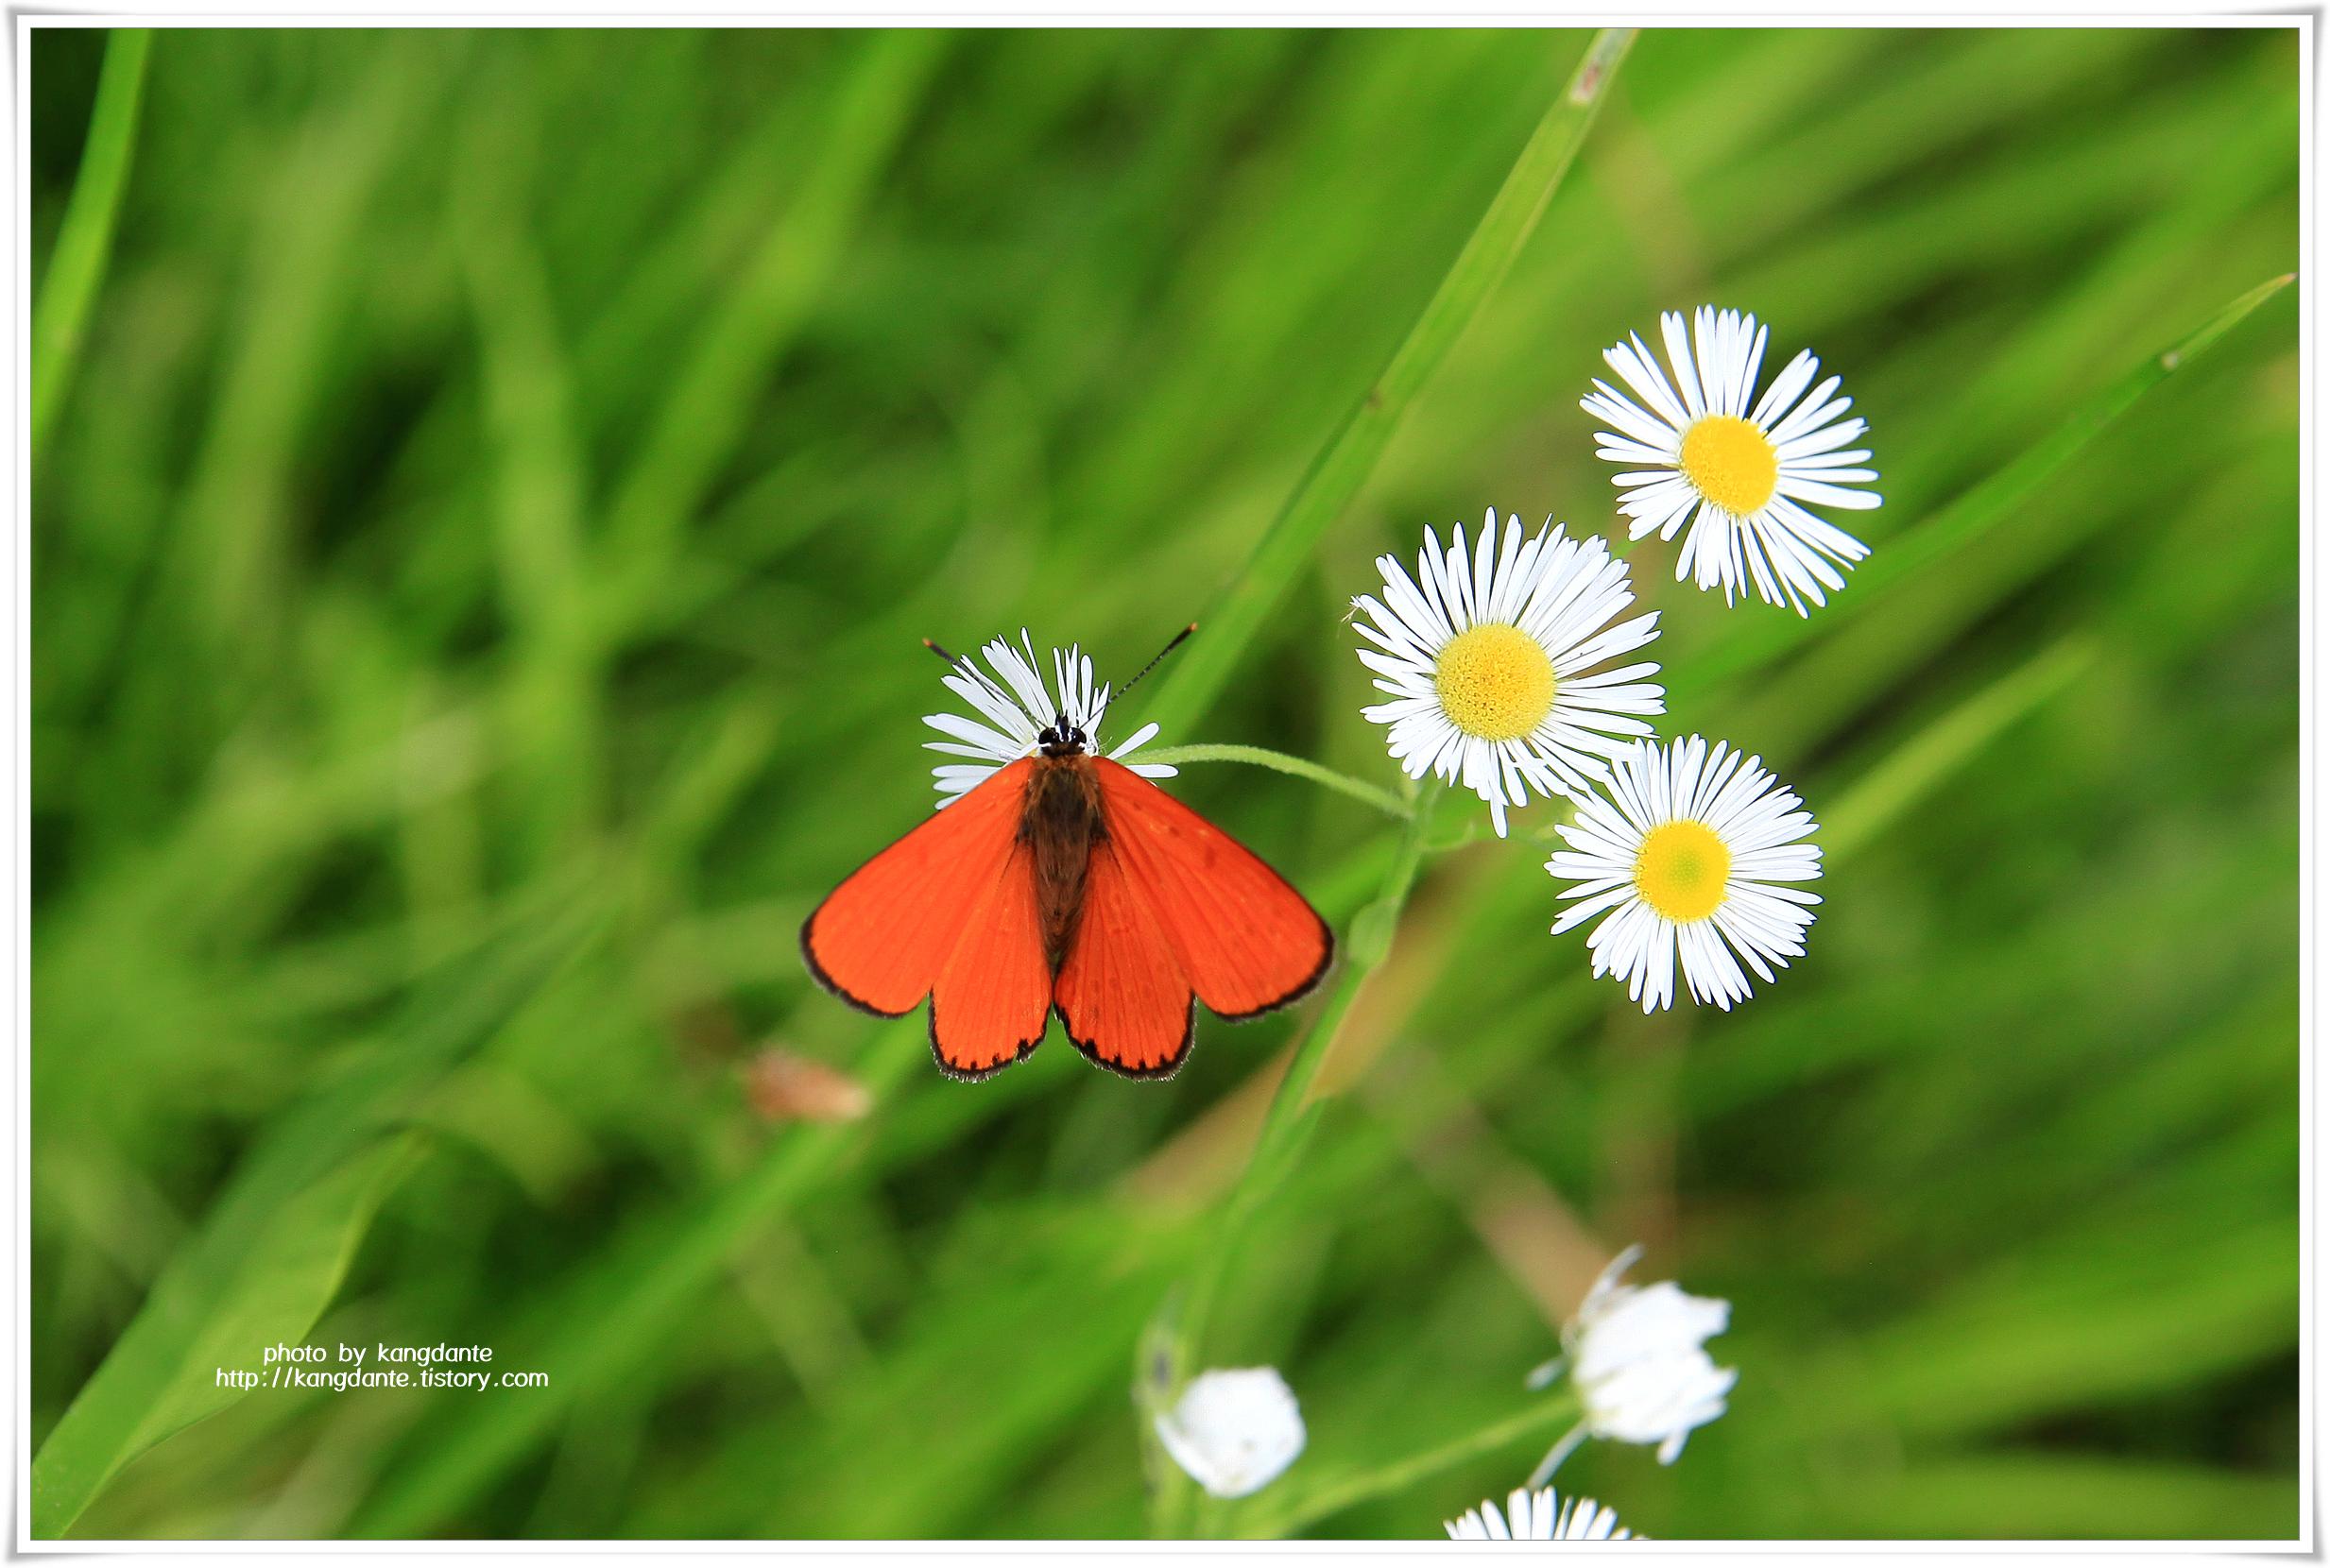 세미원의 나비와 잠자리